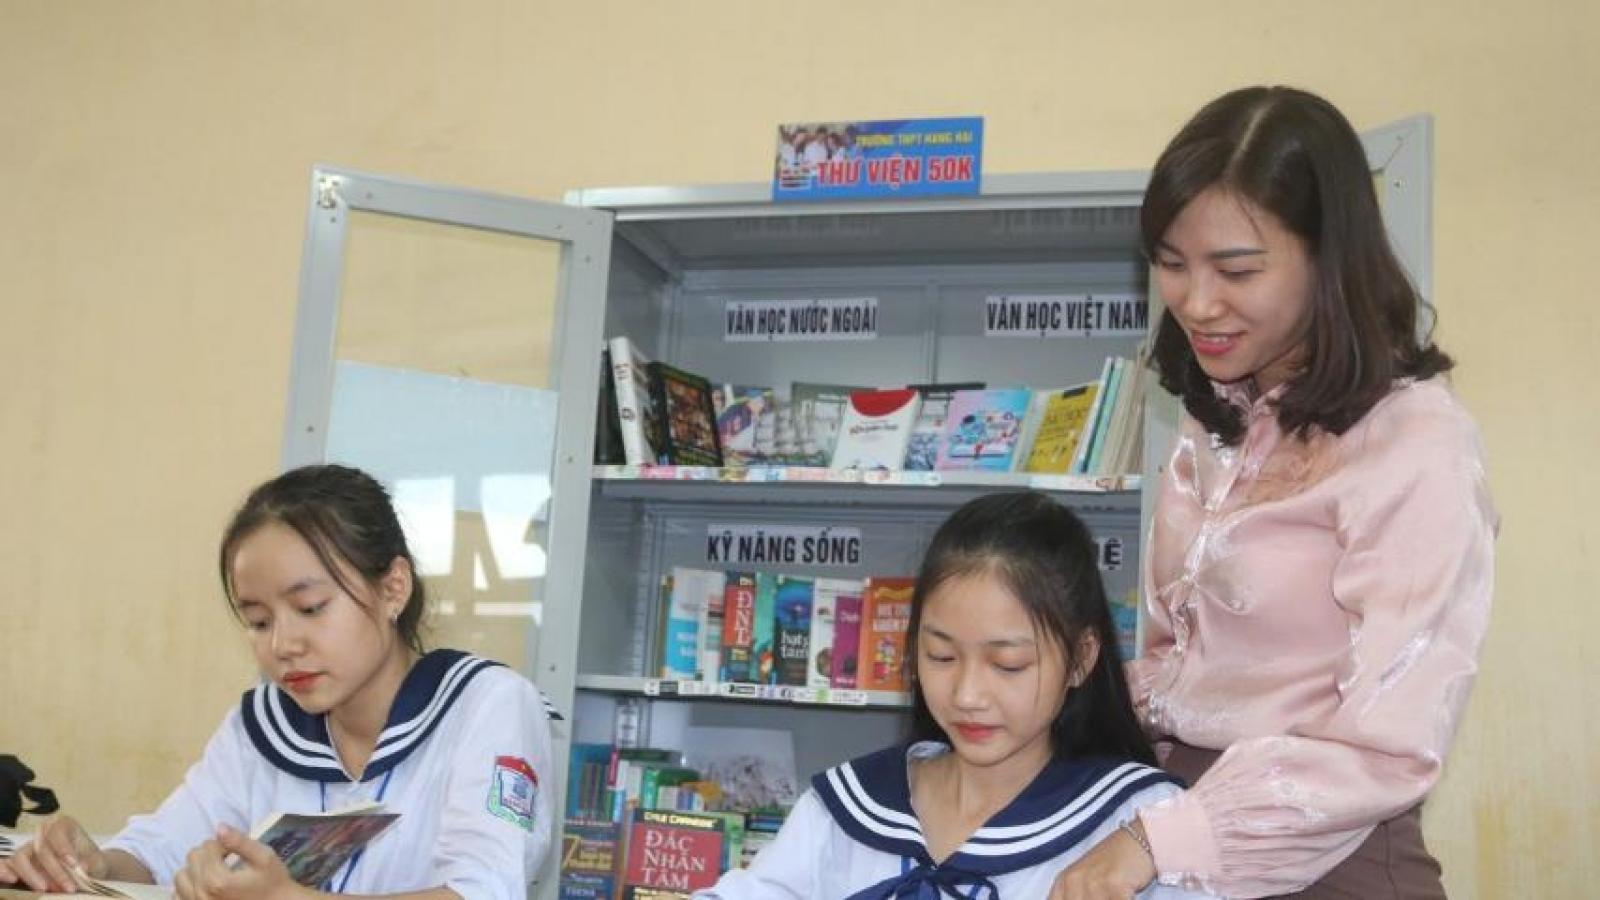 Hải Phòng lan tỏa văn hóa đọc trong nhà trường